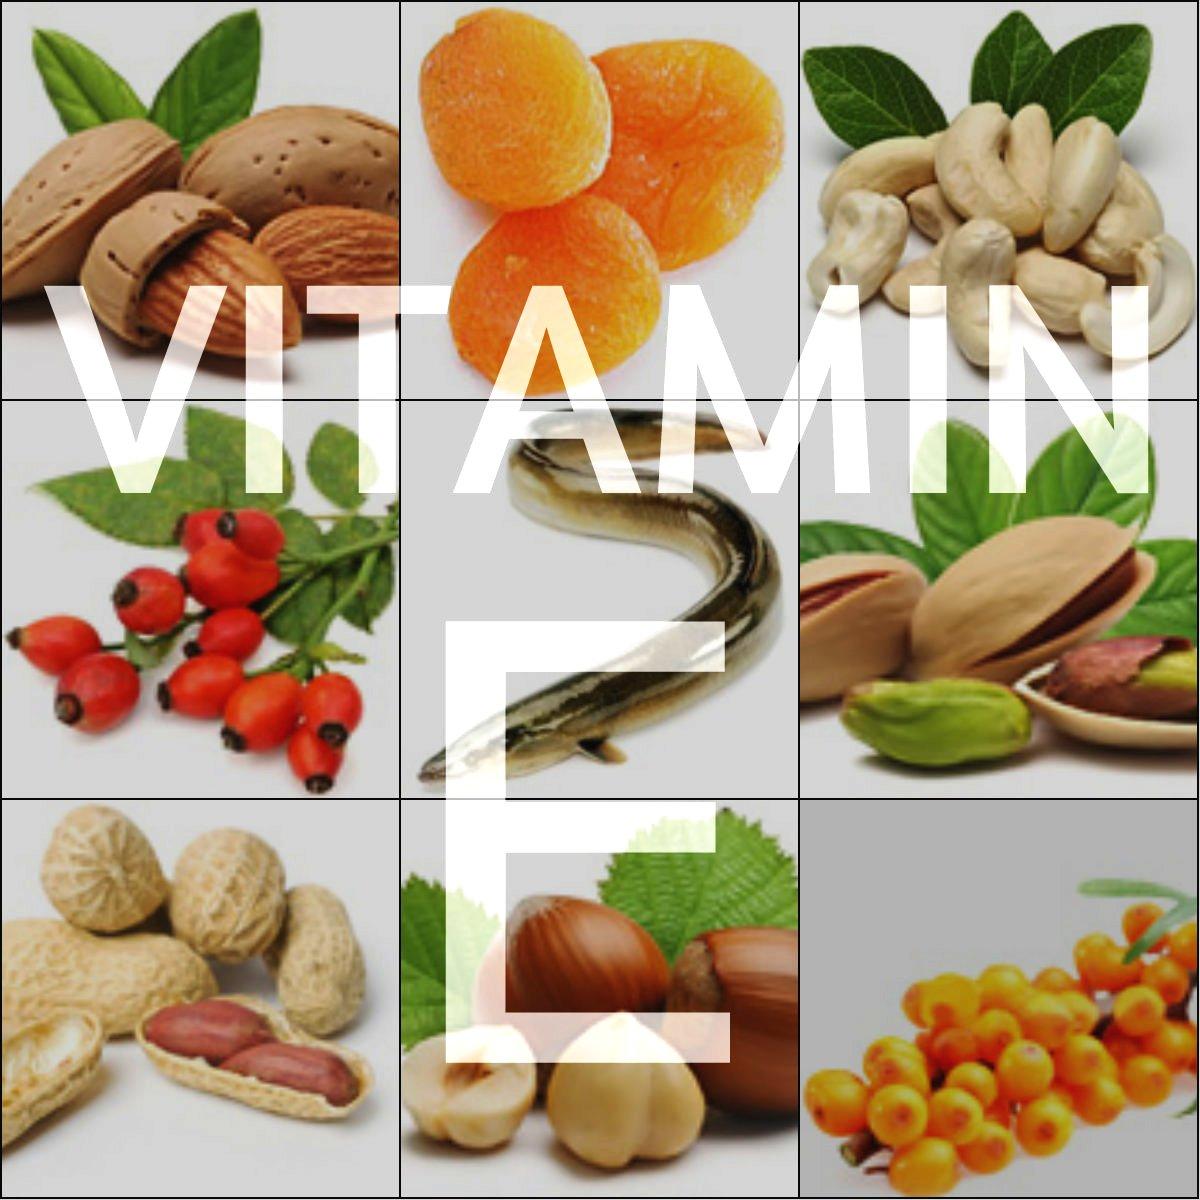 Витамин е увеличивает объм спермы